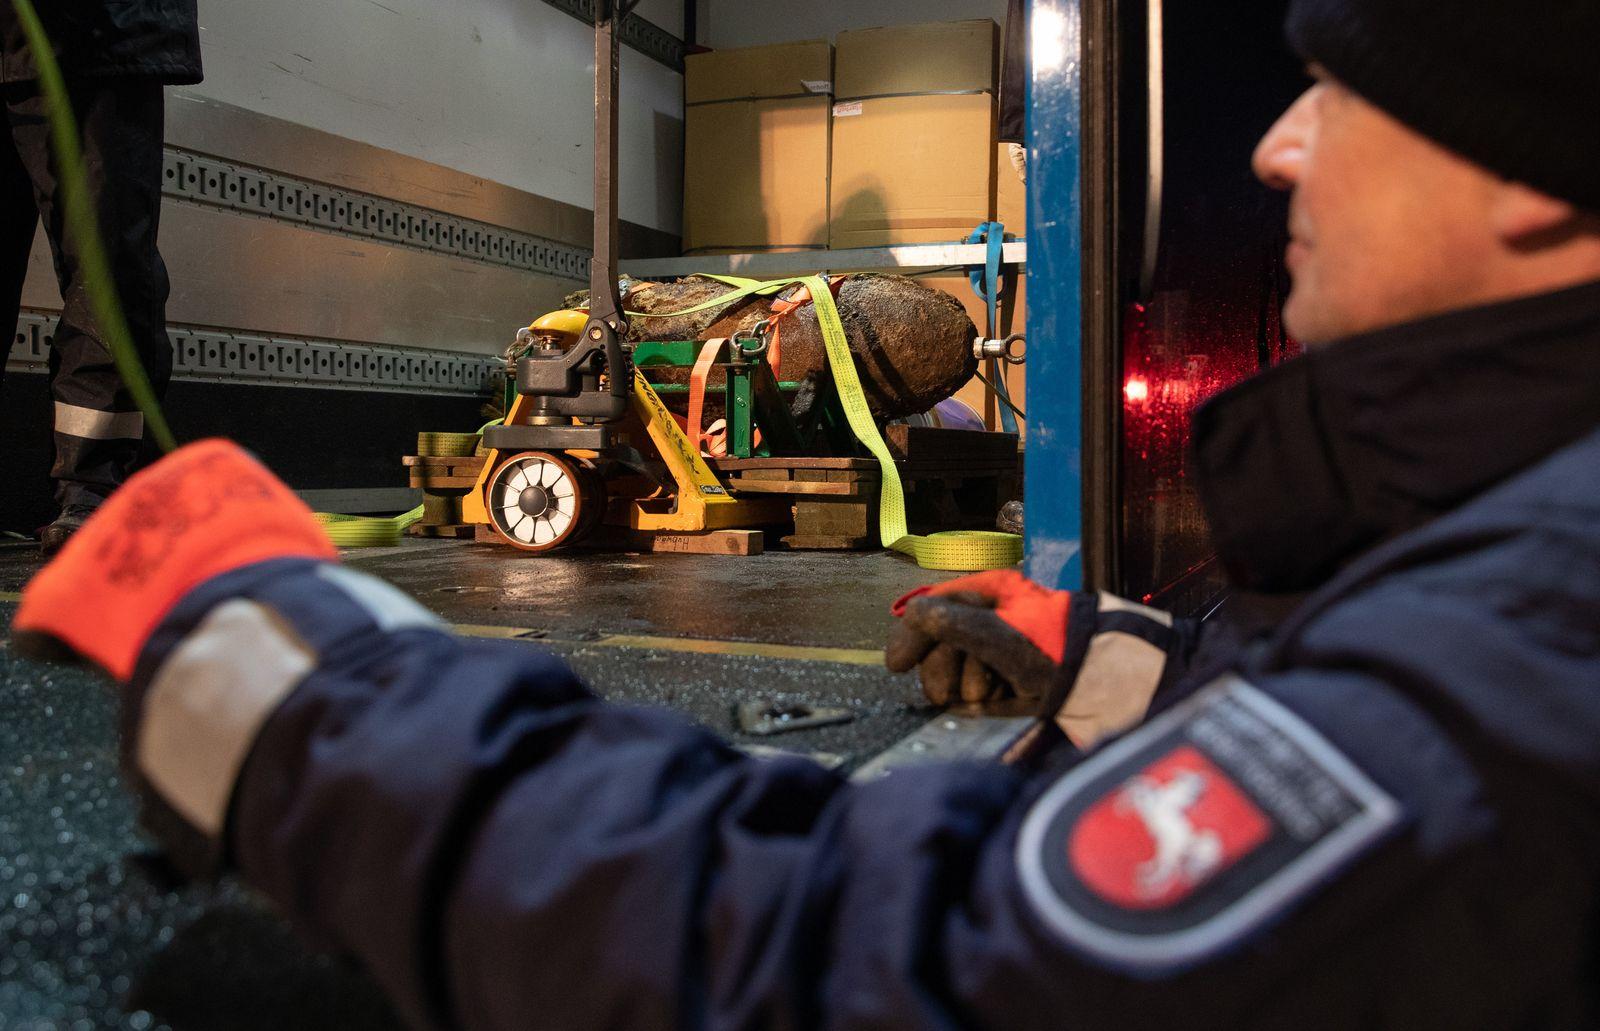 Bombenblindgänger in Osnabrück - Evakuierungsaktion